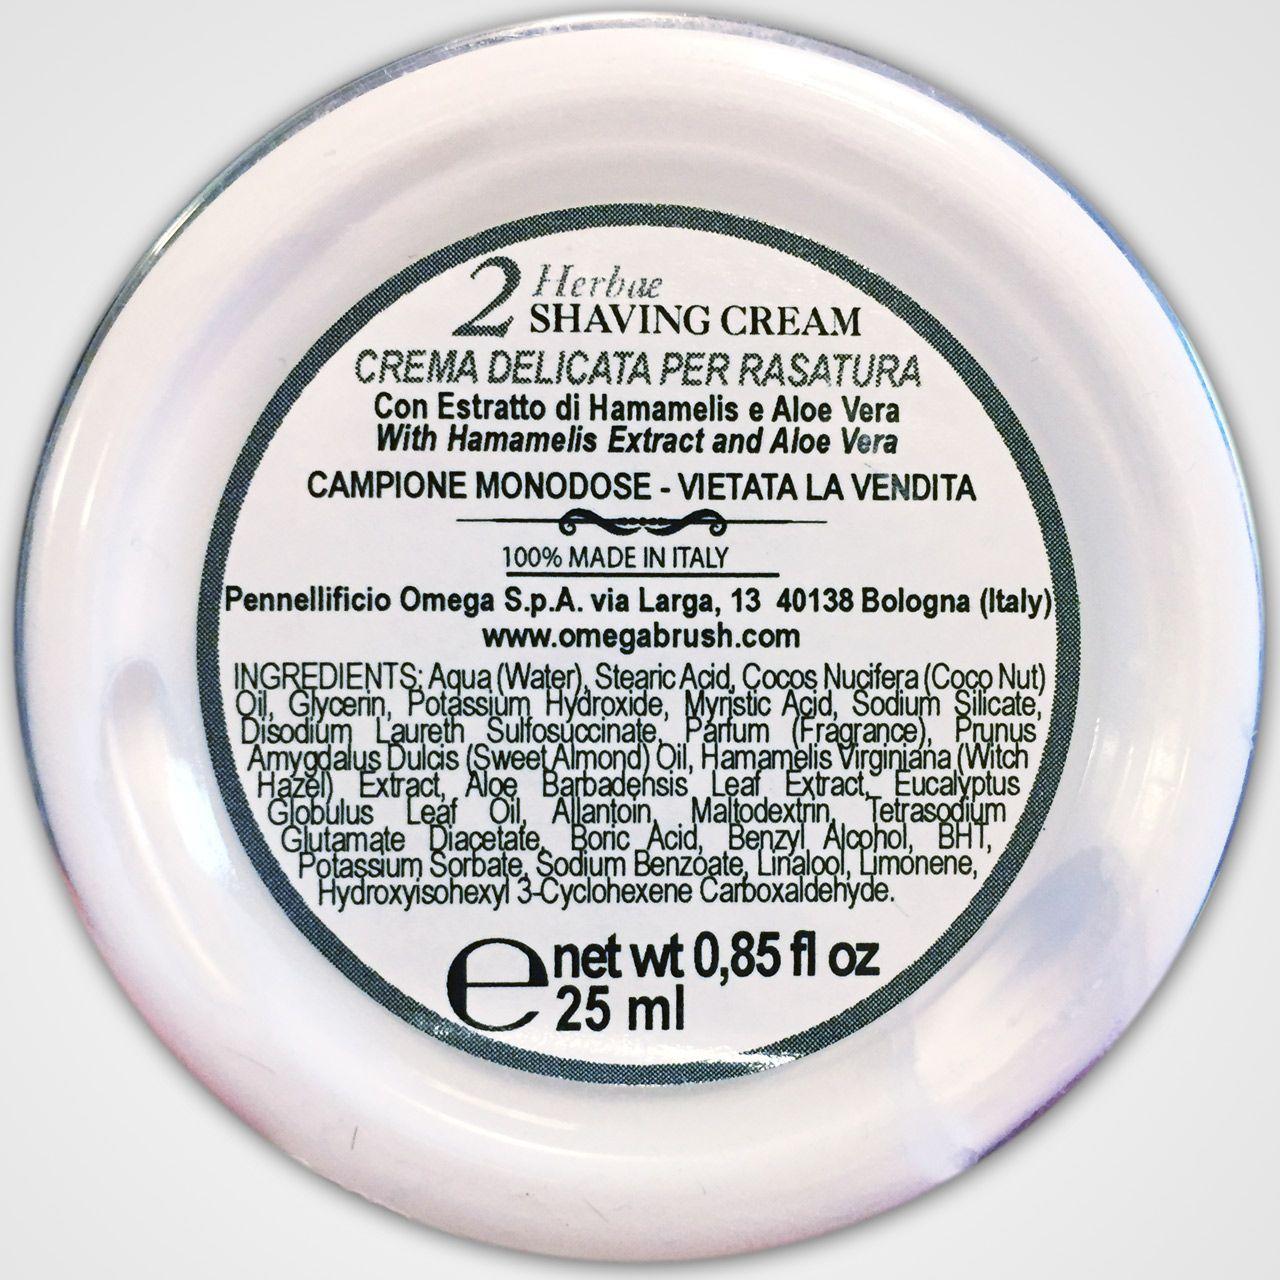 Skład kremu do golenia Omega Via Barberia Herbae Shaving Cream (INCI ingredients)